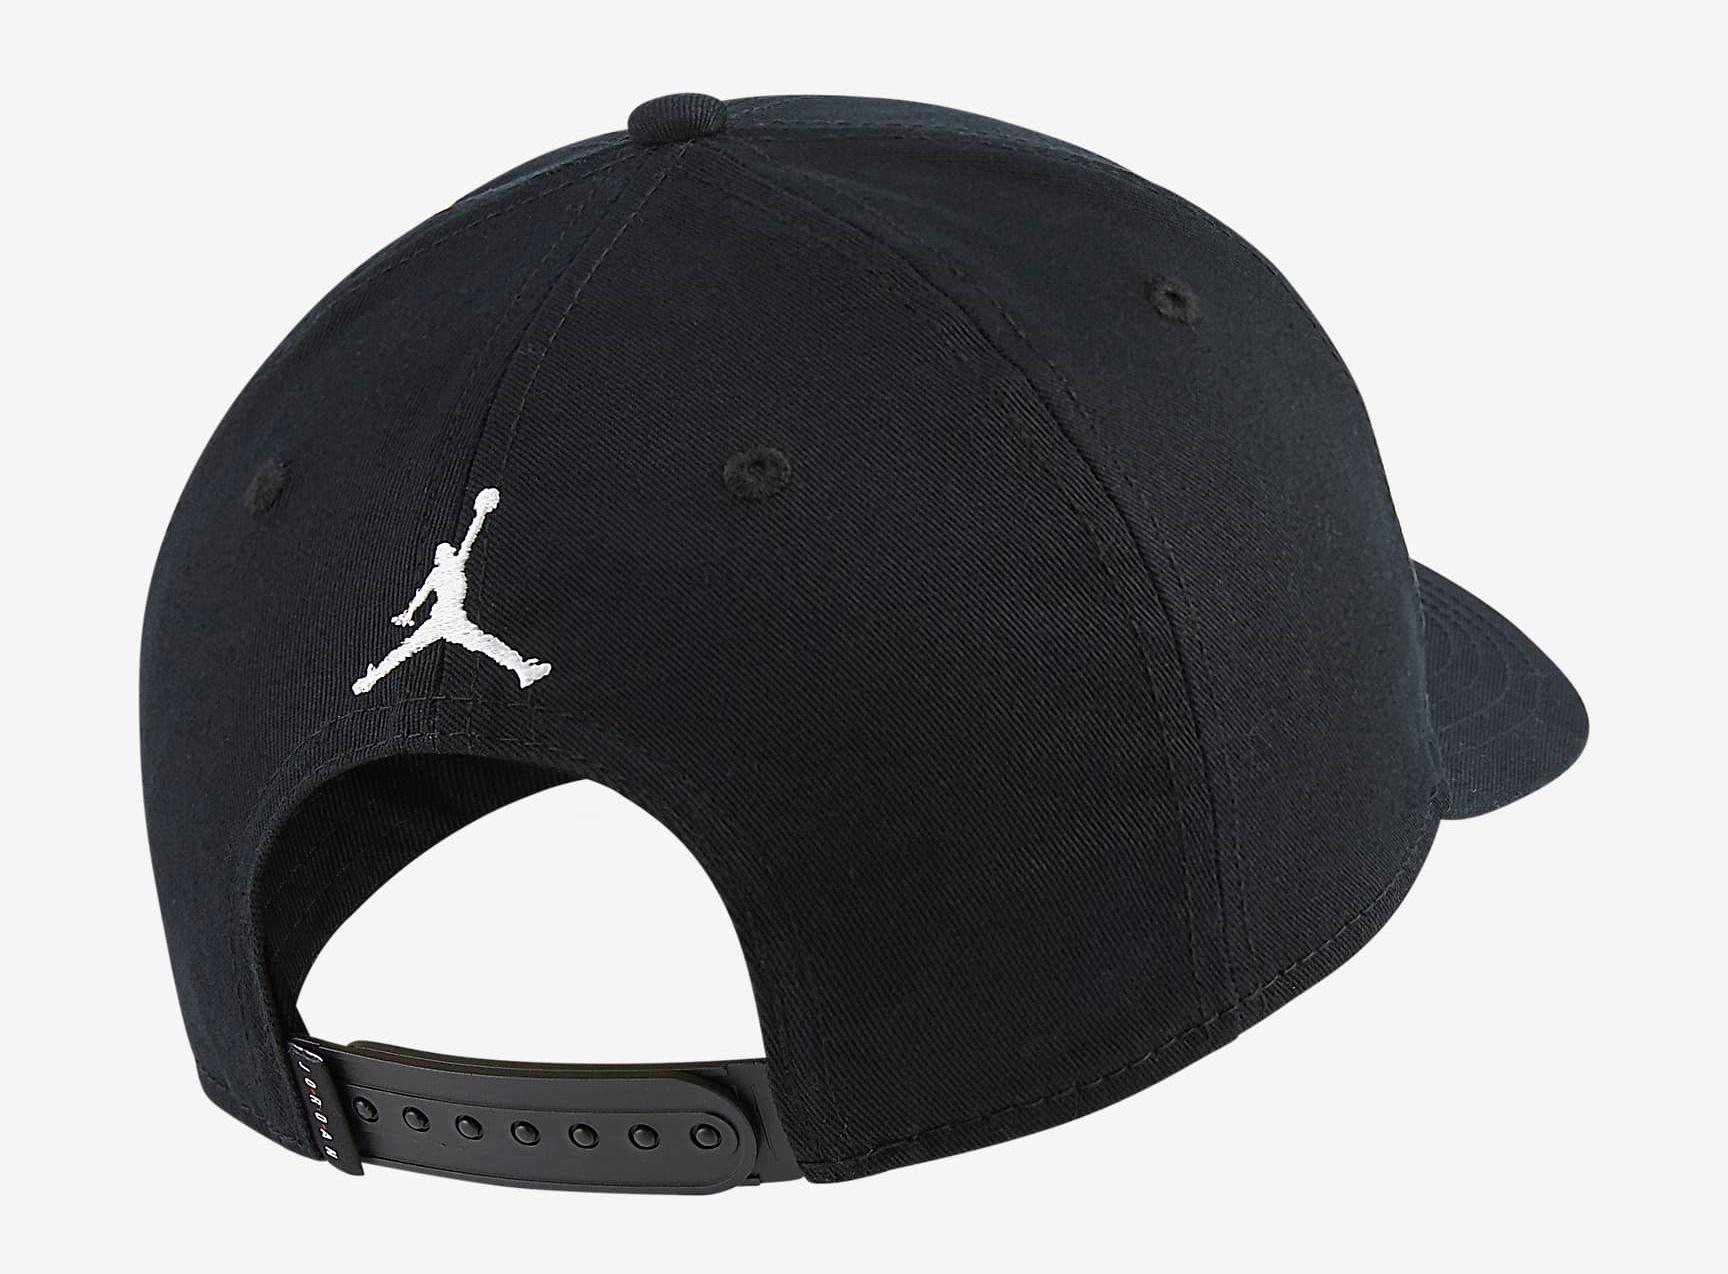 jordan-black-white-classics-99-force-snapback-hat-2